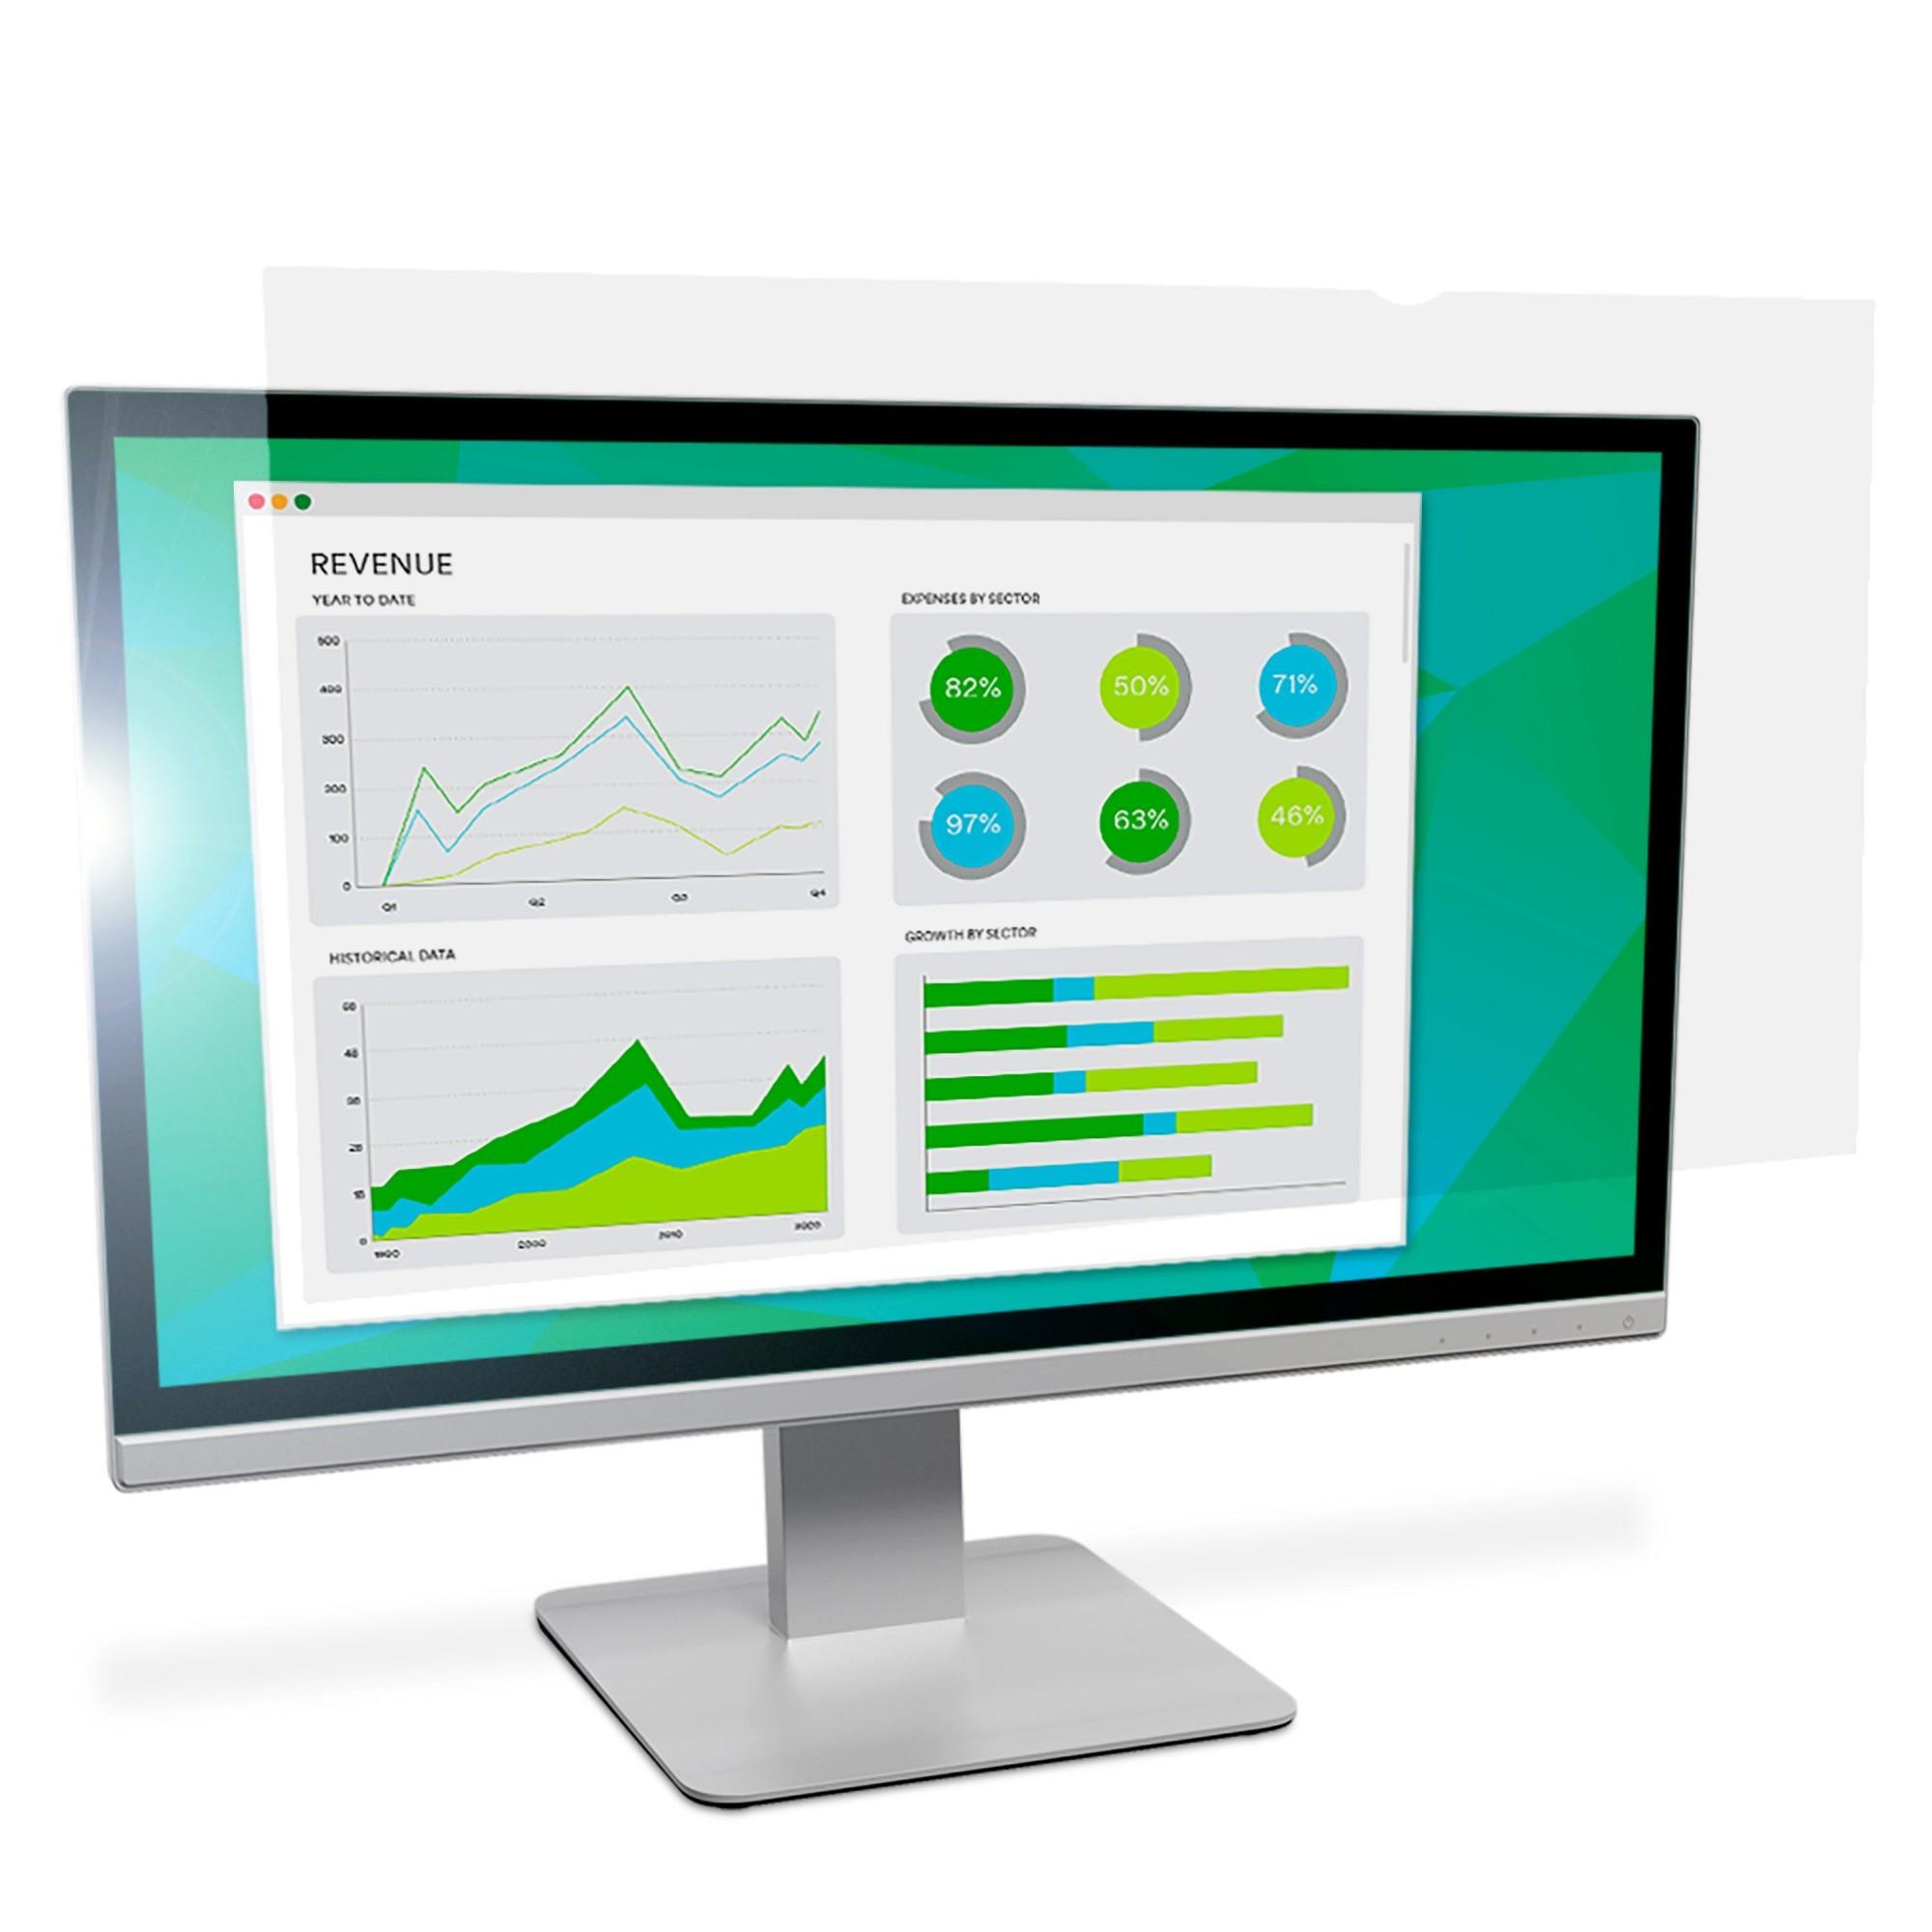 """3M Anti-Glare Filter for 22"""" Widescreen Monitor (16:10)"""